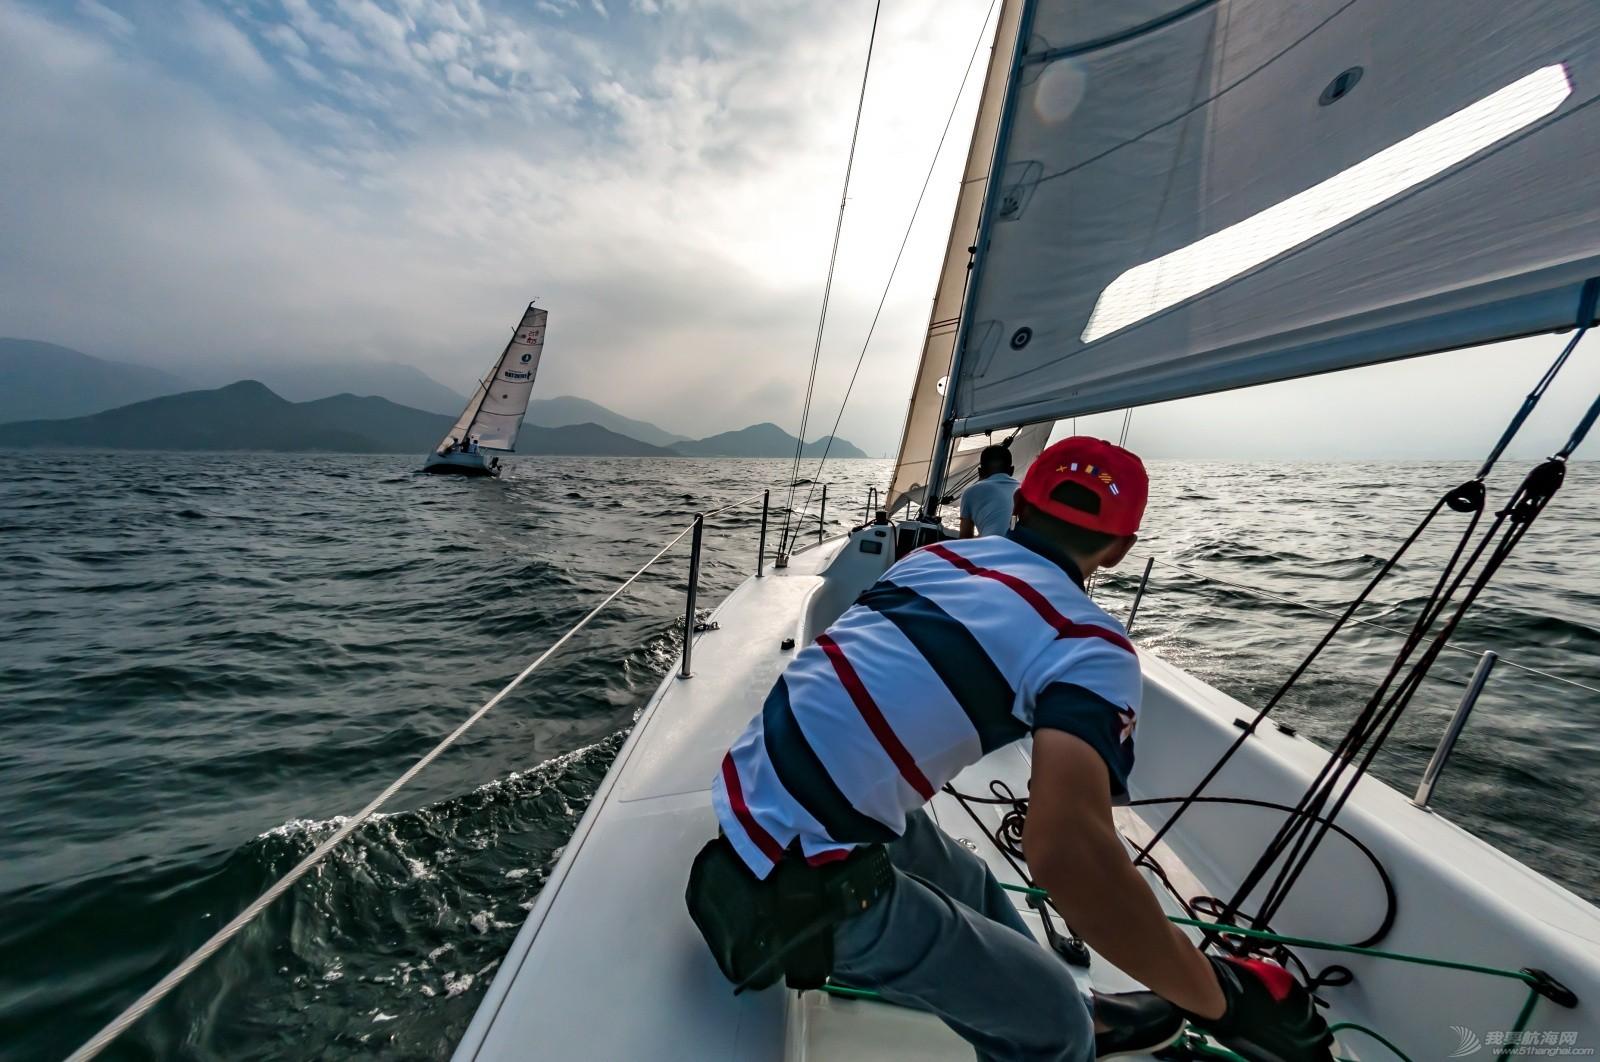 帆船 【2015大鹏杯帆船赛】鱼眼看航海 16021.jpg